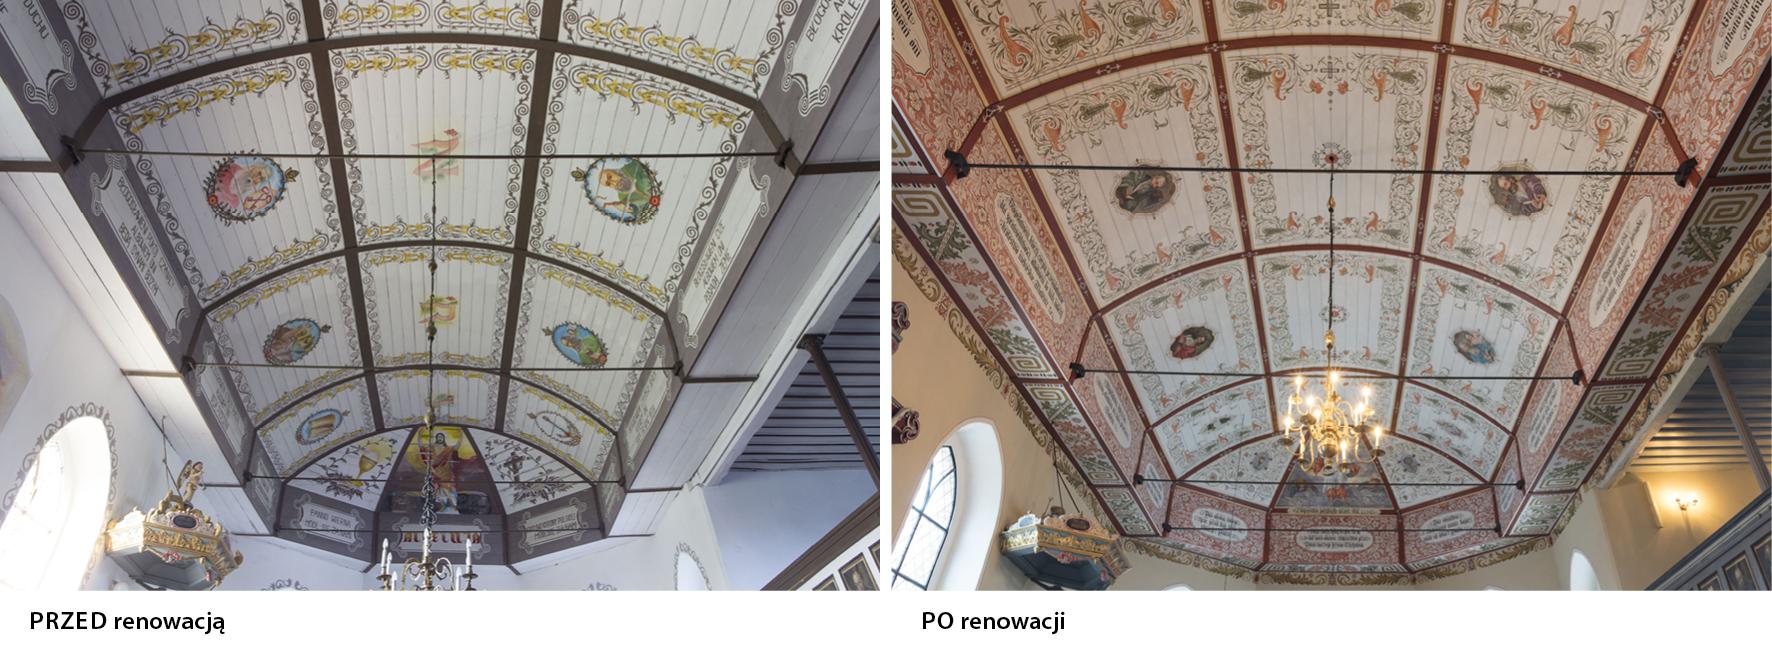 przed_po_renowacji_1919